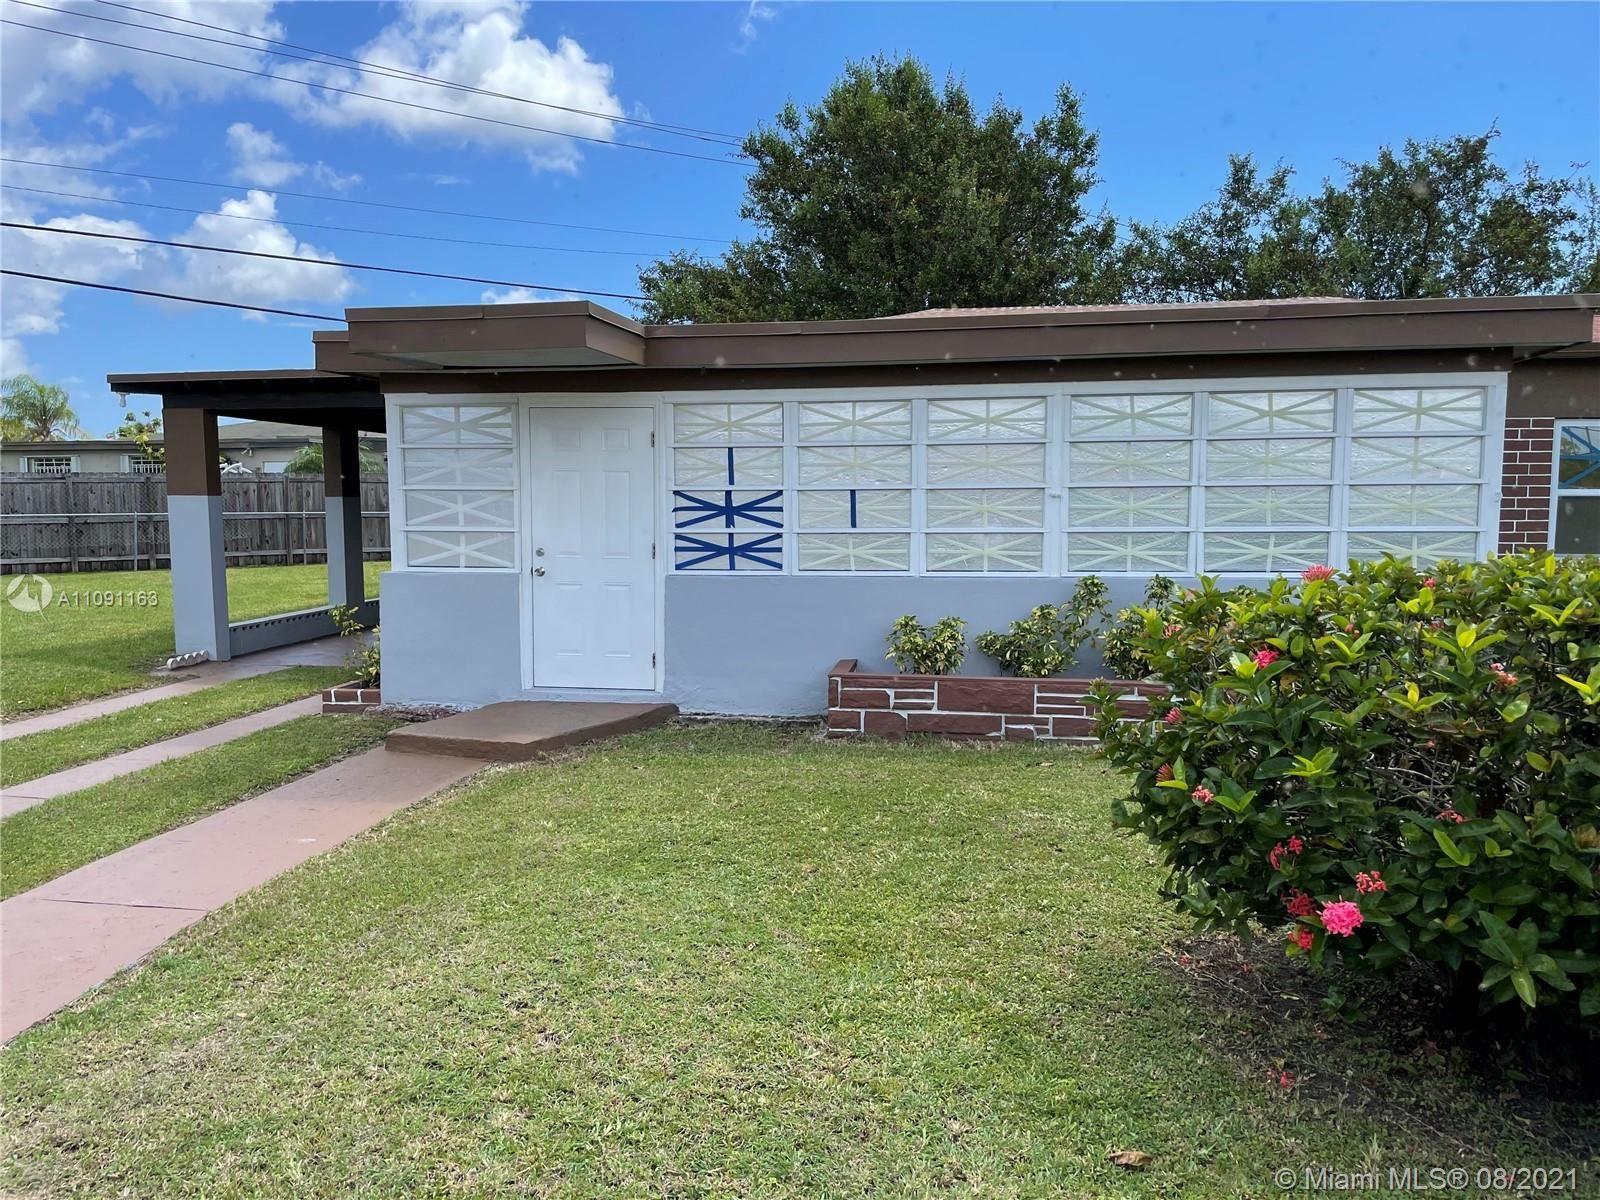 14501 N Lincoln Blvd, Miami, FL 33176 - #: A11091163